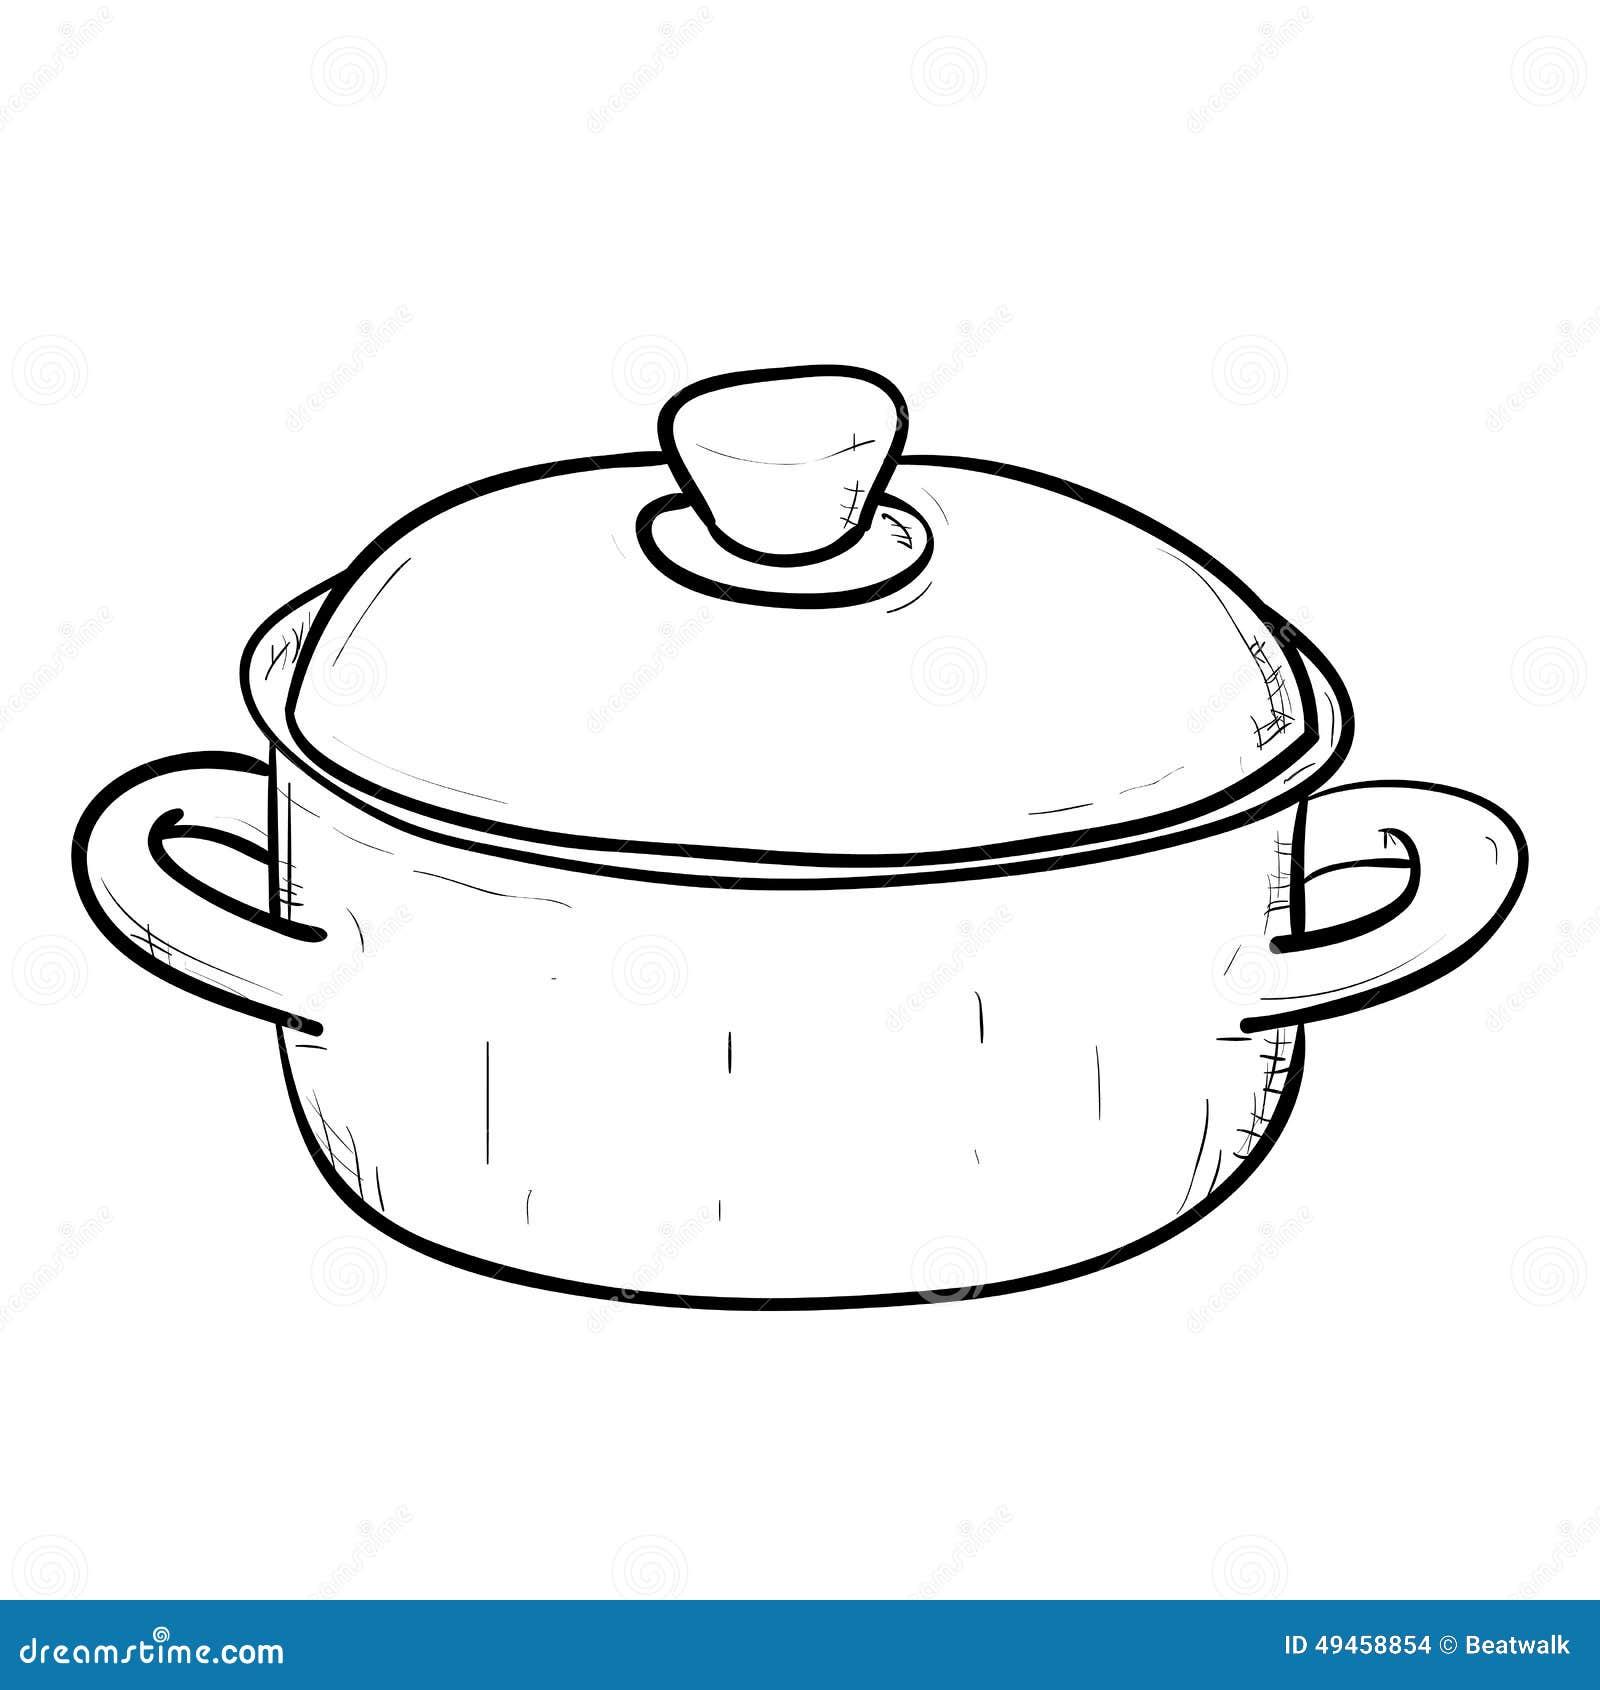 Croquis de vecteur de casserole de griffonnage - Casserole dessin ...